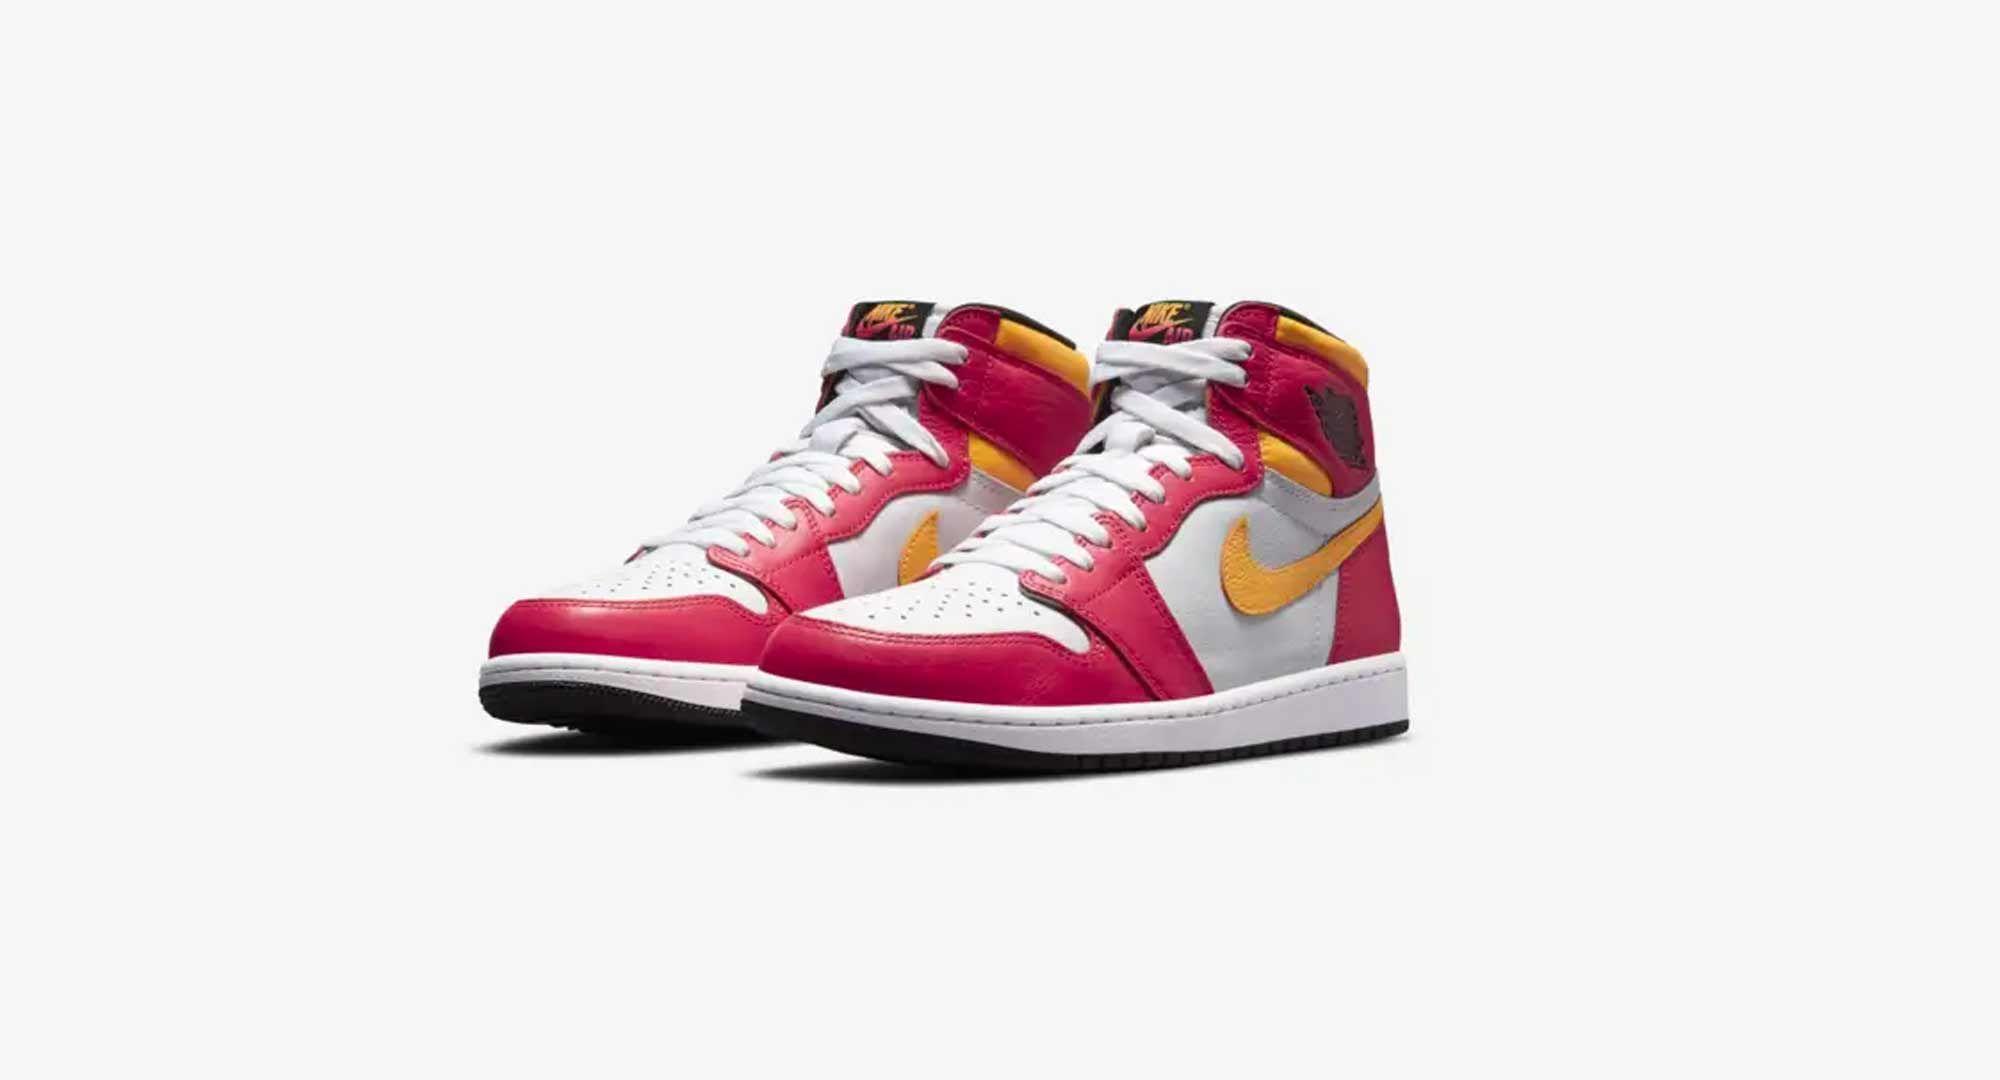 Nike Air Jordan 1 para hombre: zapatillas cañís para este verano